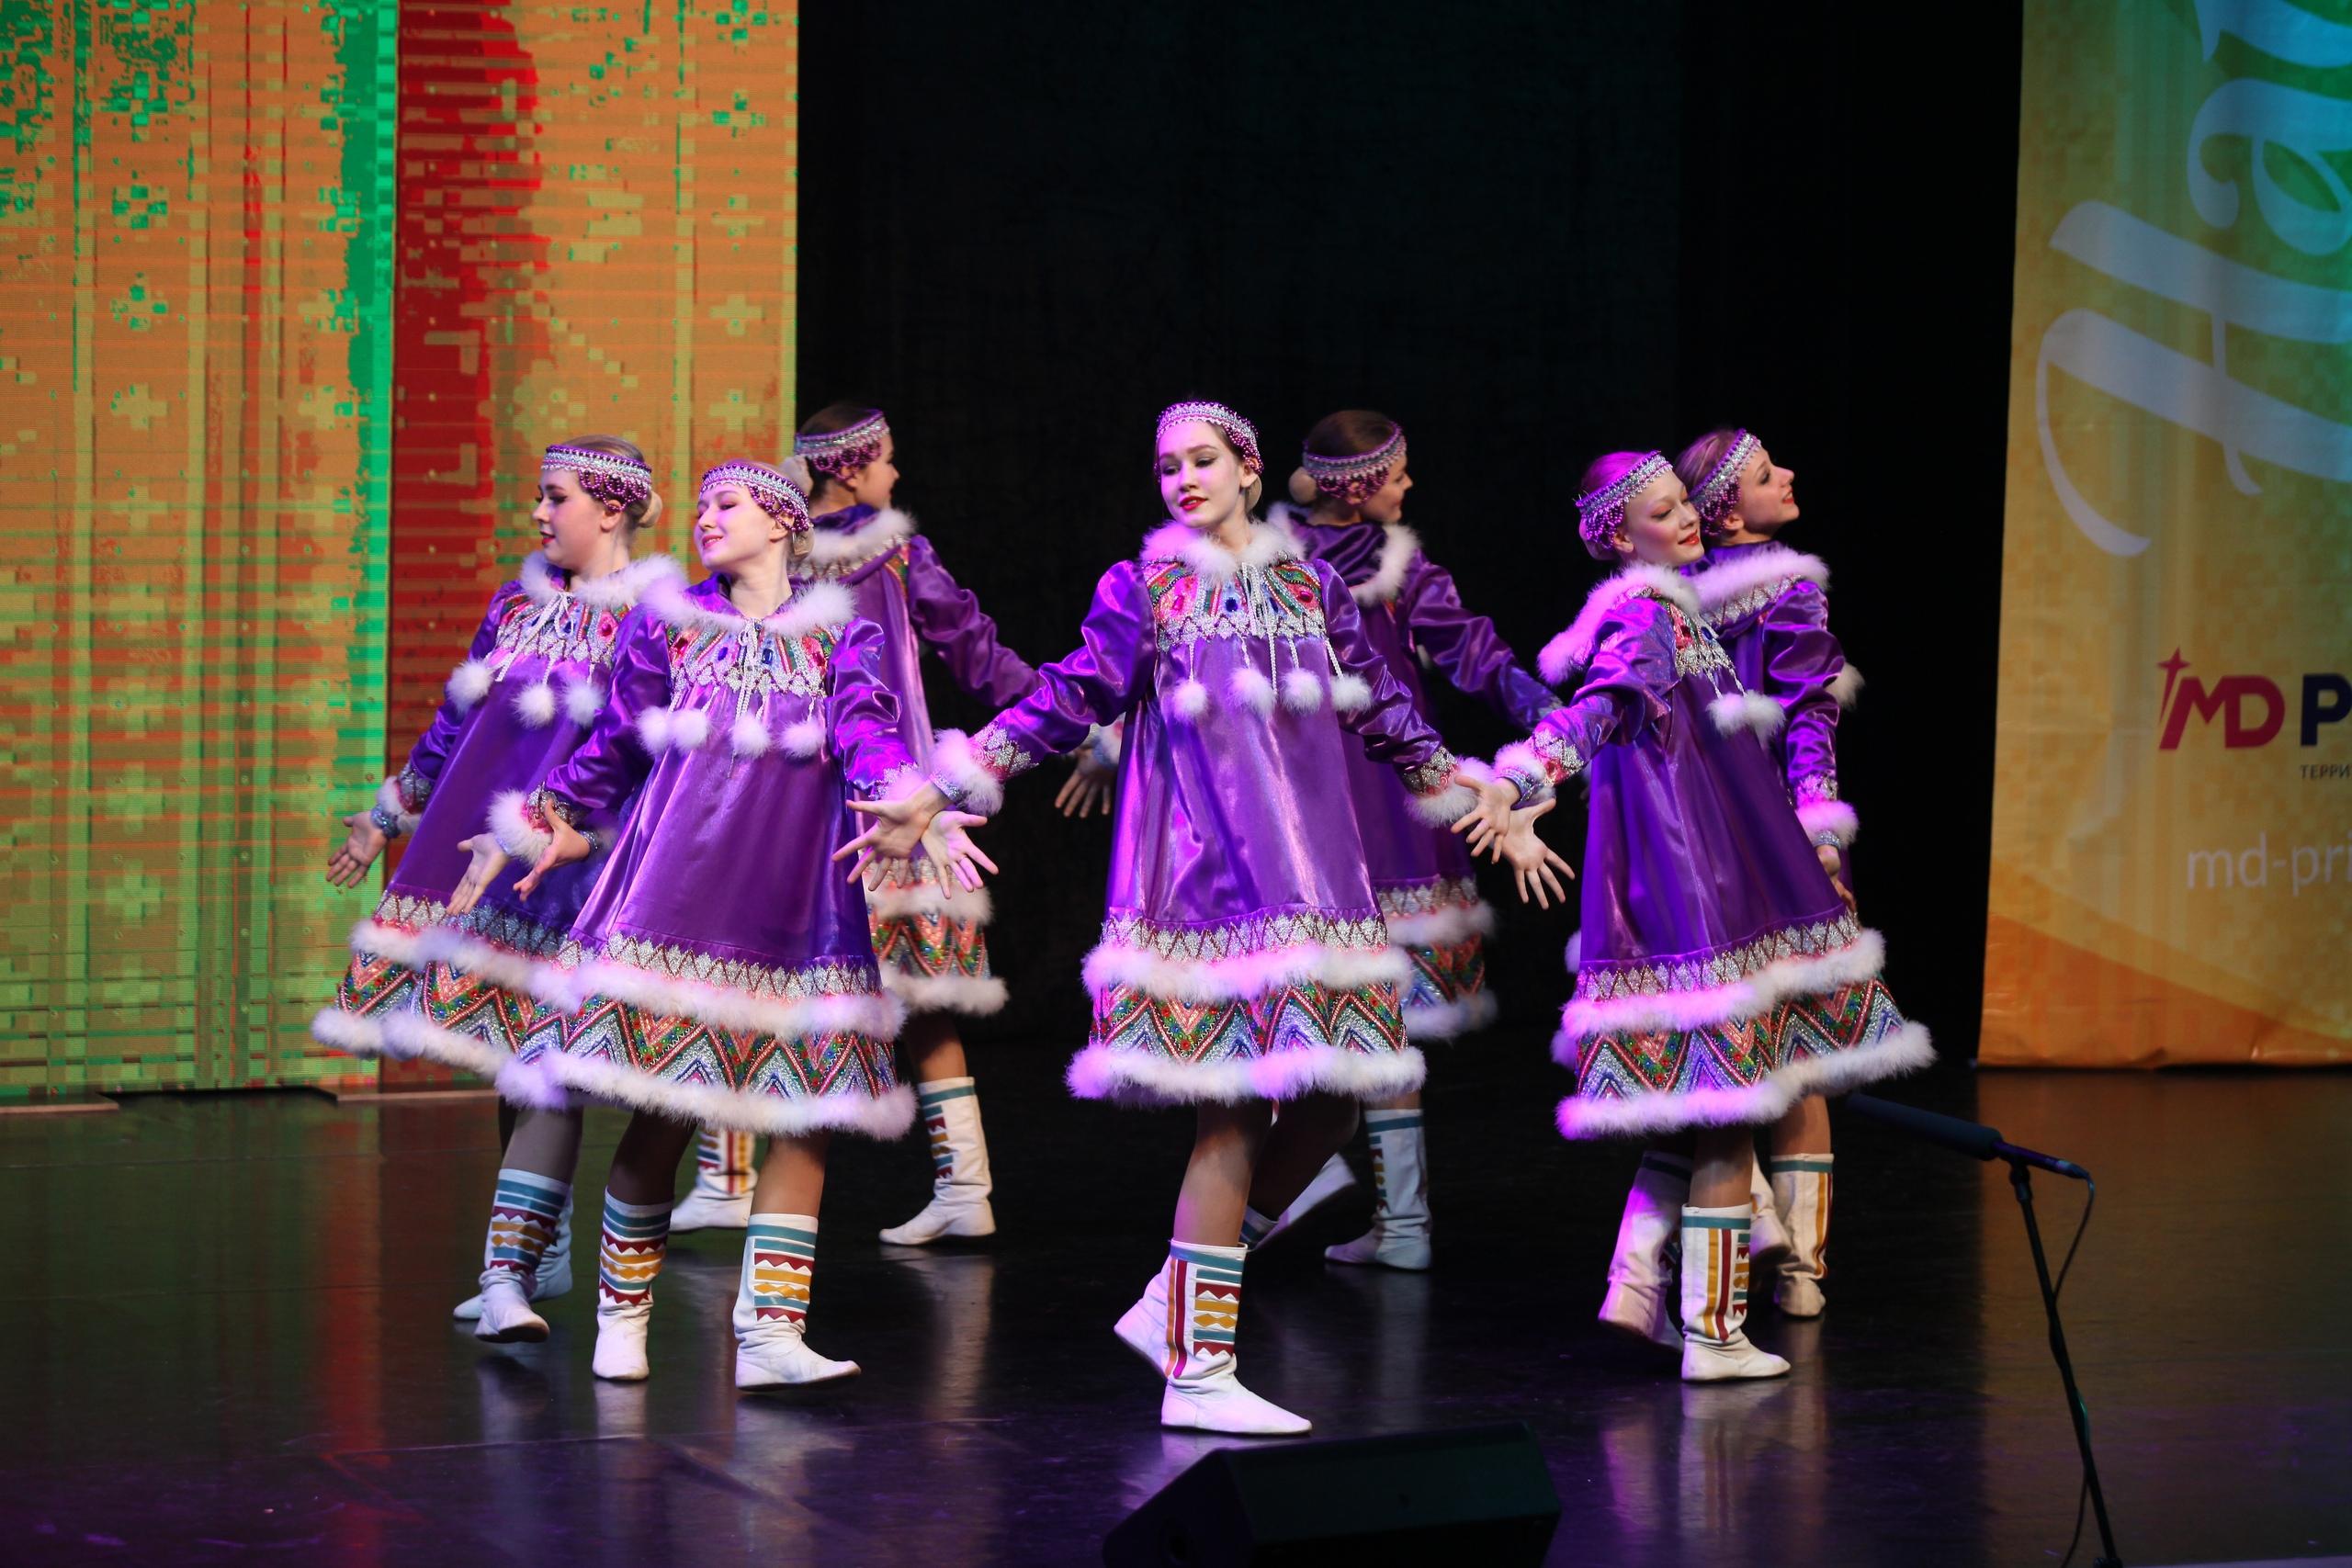 Международного фестиваля-конкурса национальных культур и фольклора «Народные истоки»